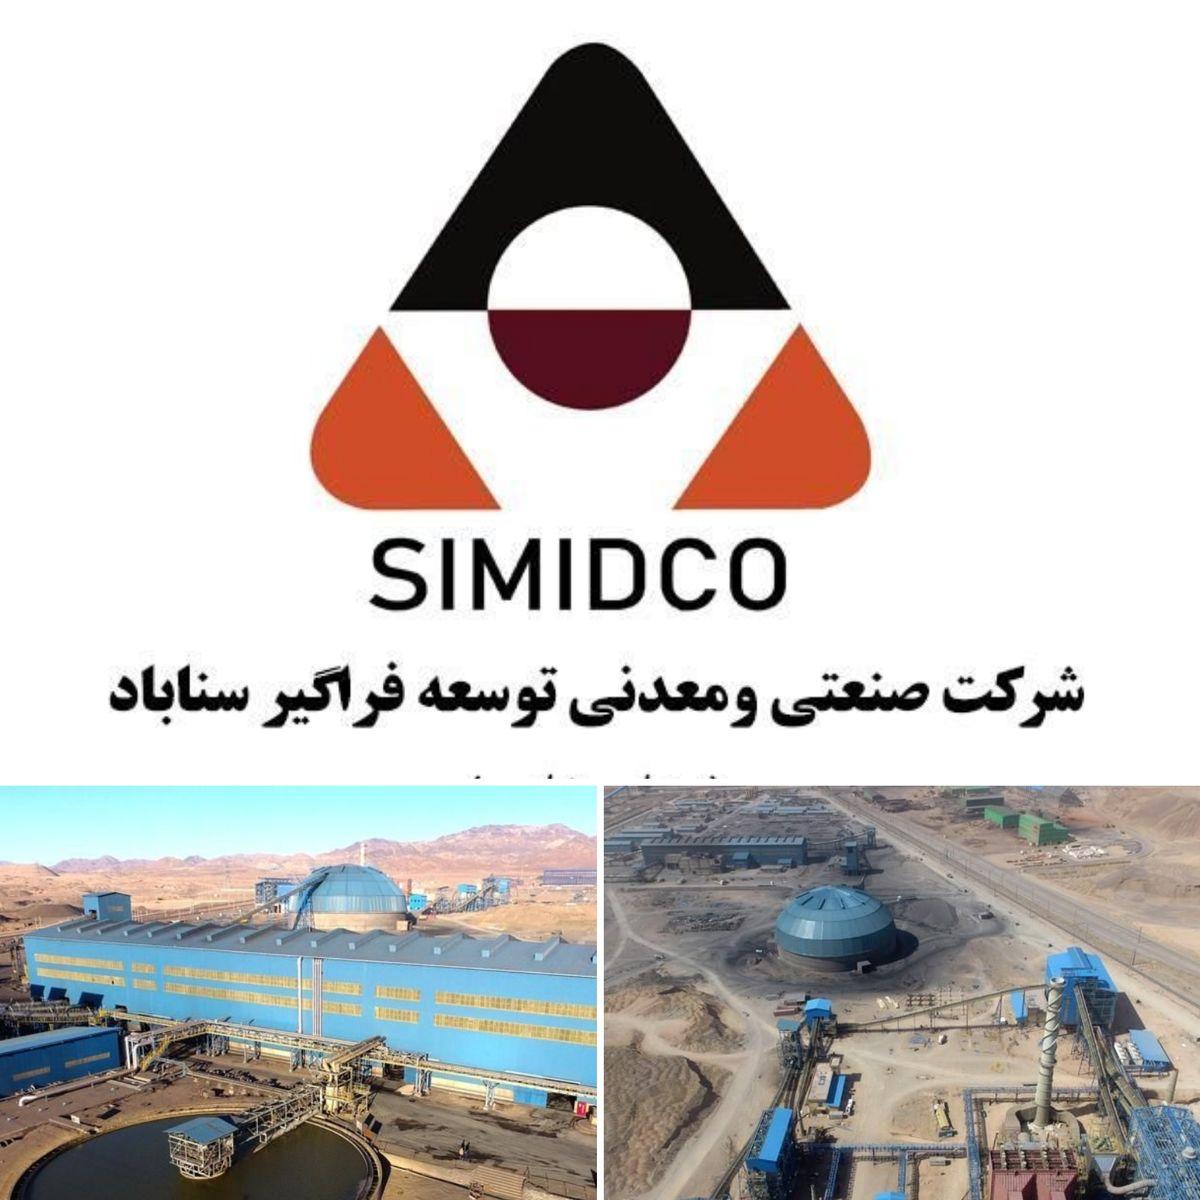 روشن شدن مشعل اصلی خط تولید گندله شرکت سیمیدکو